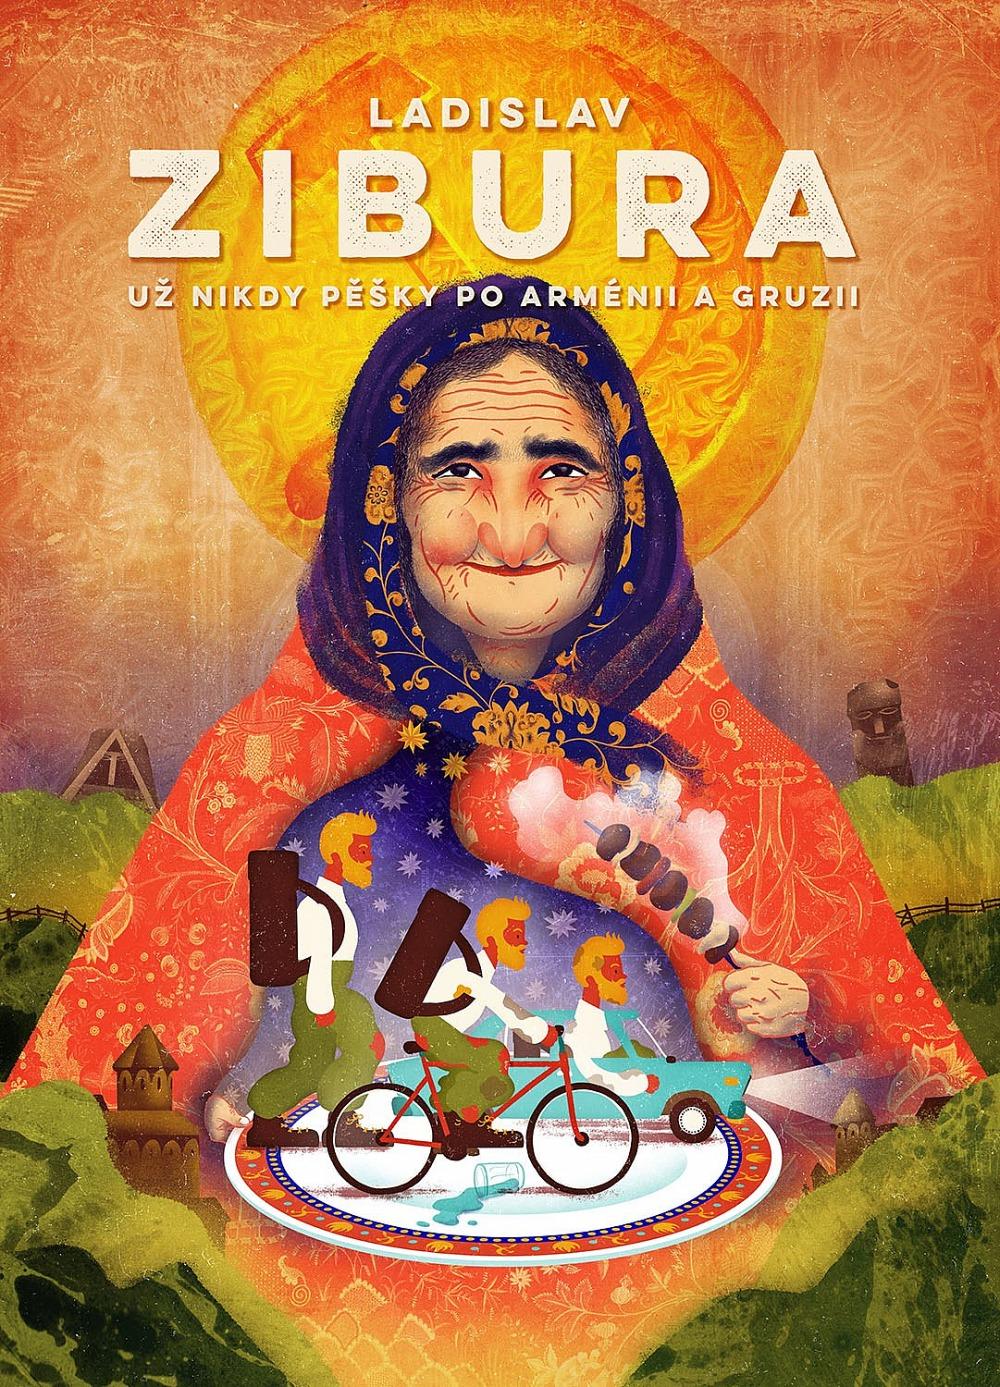 https://www.databazeknih.cz/images_books/35_/355873/big_uz-nikdy-pesky-po-armenii-a-gruzii-3IQ-355873.jpg